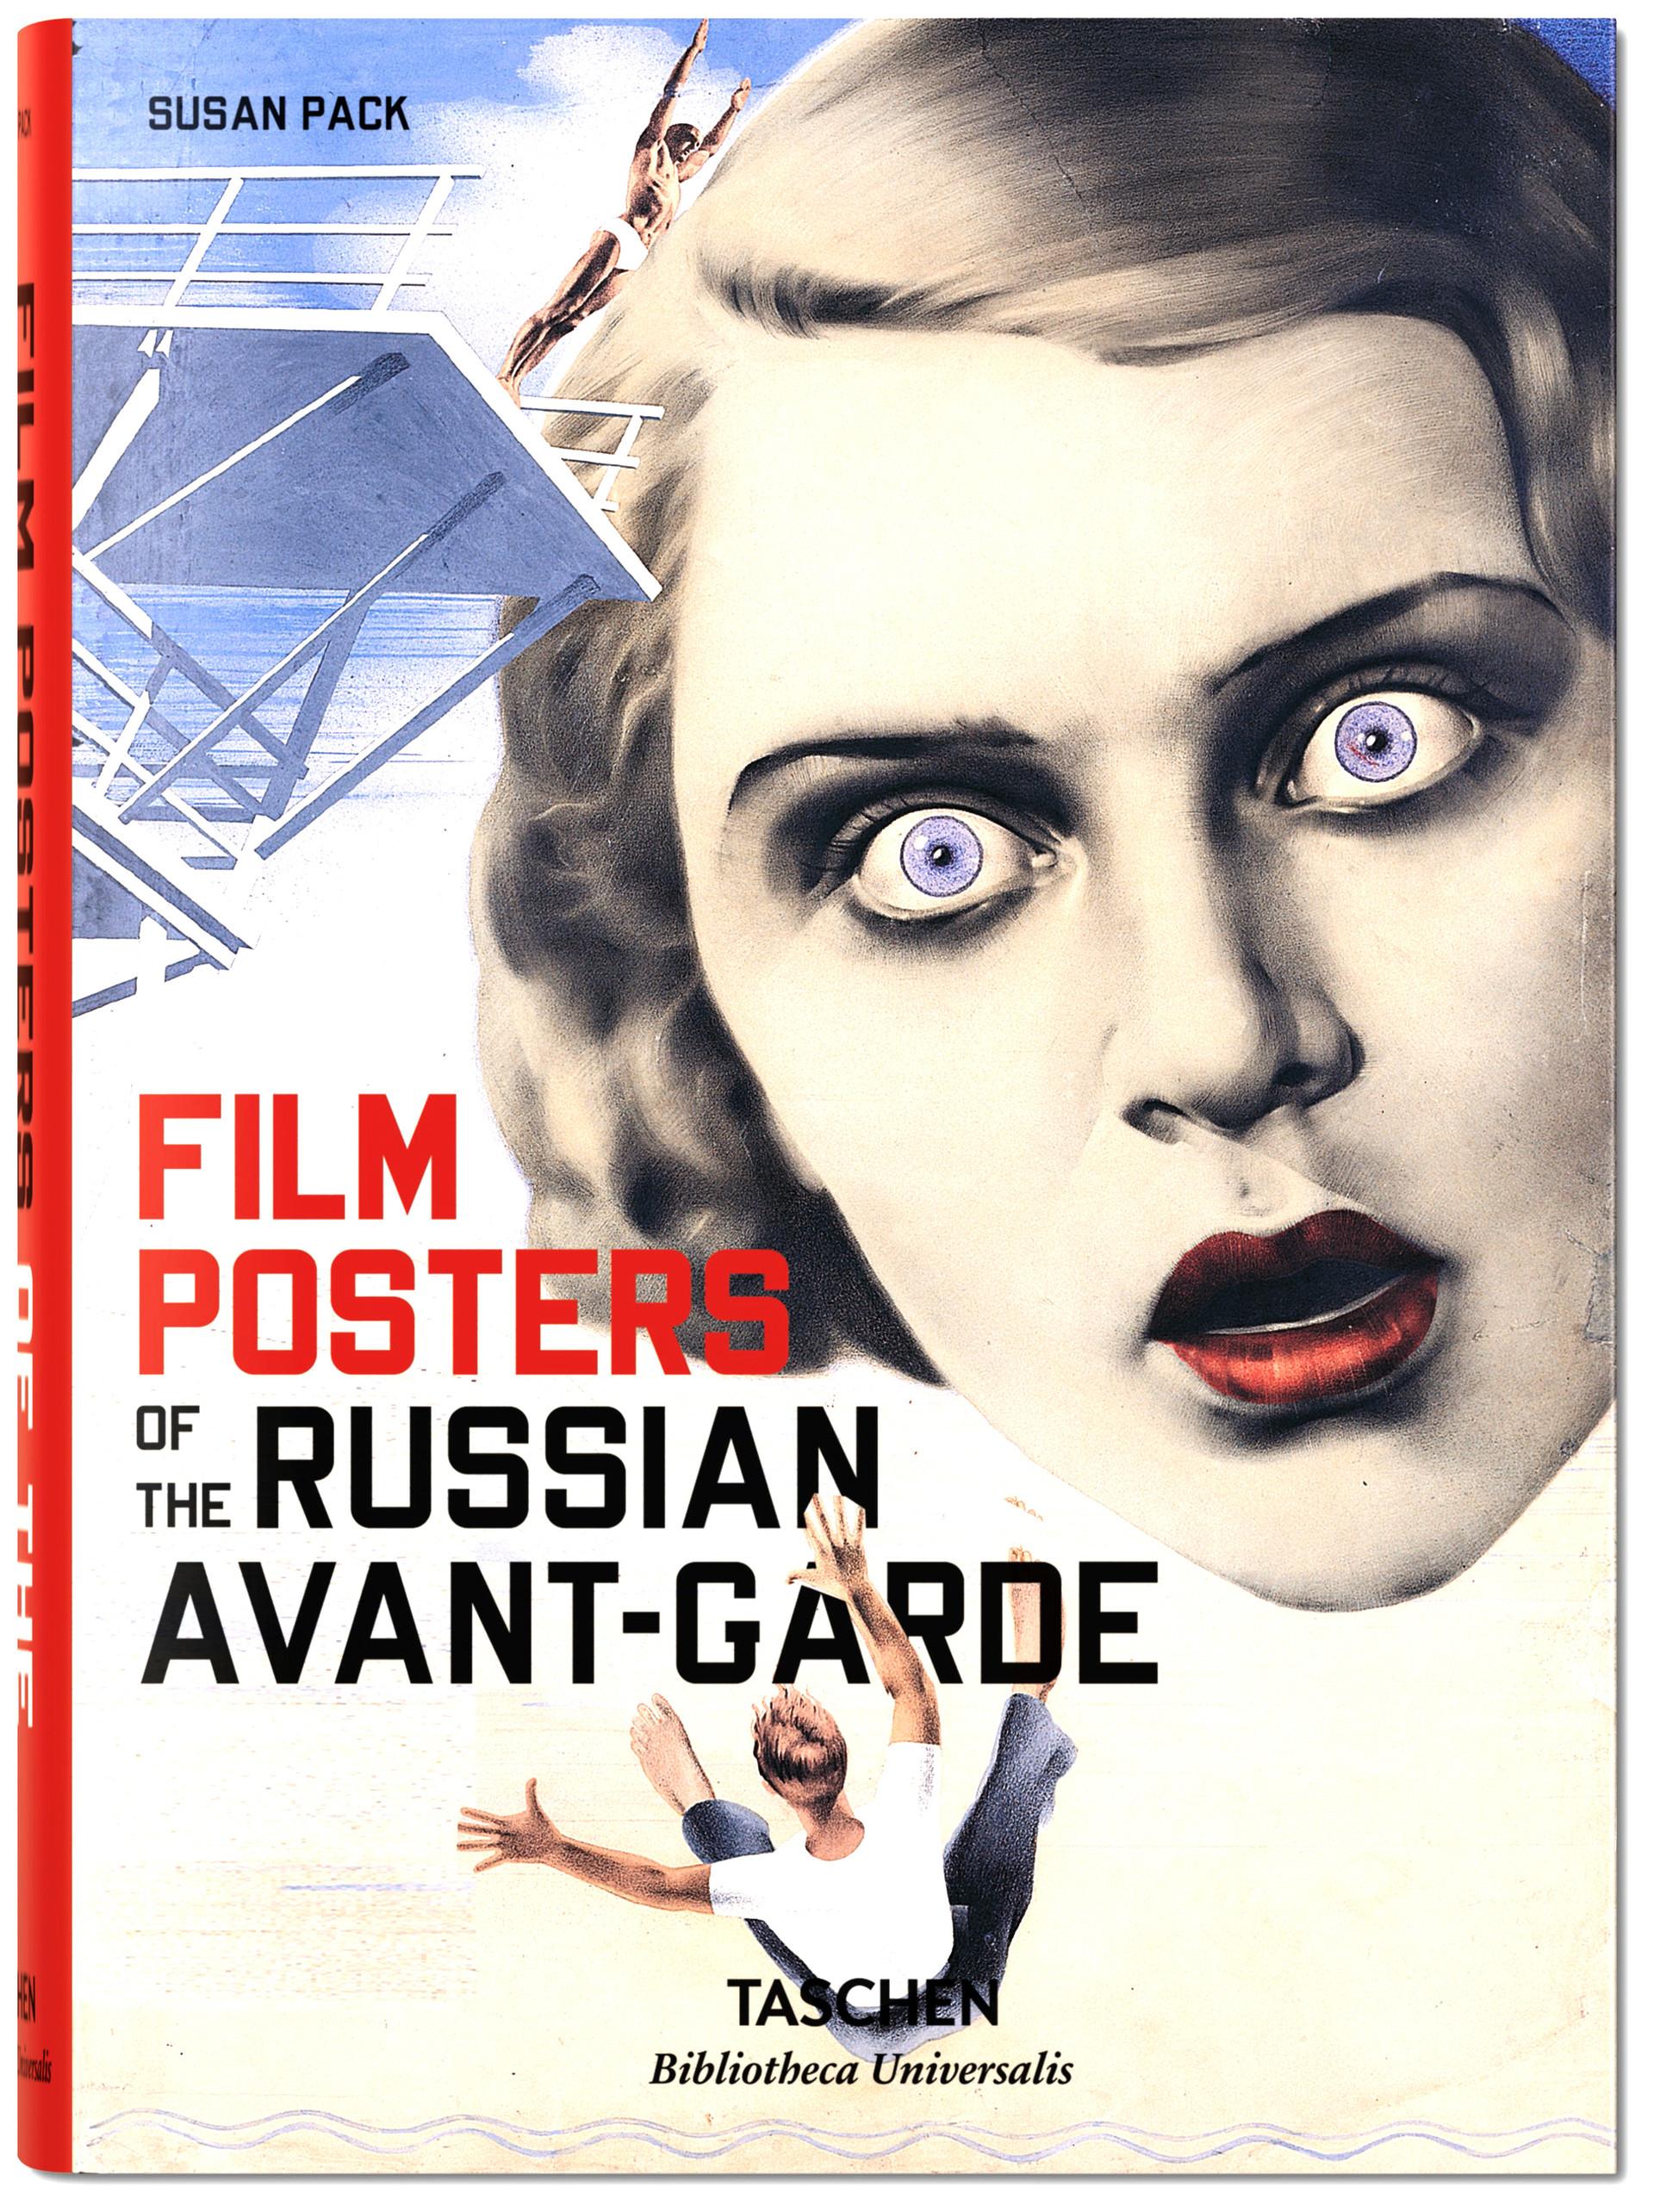 Copertina del libro, poster cinematografico